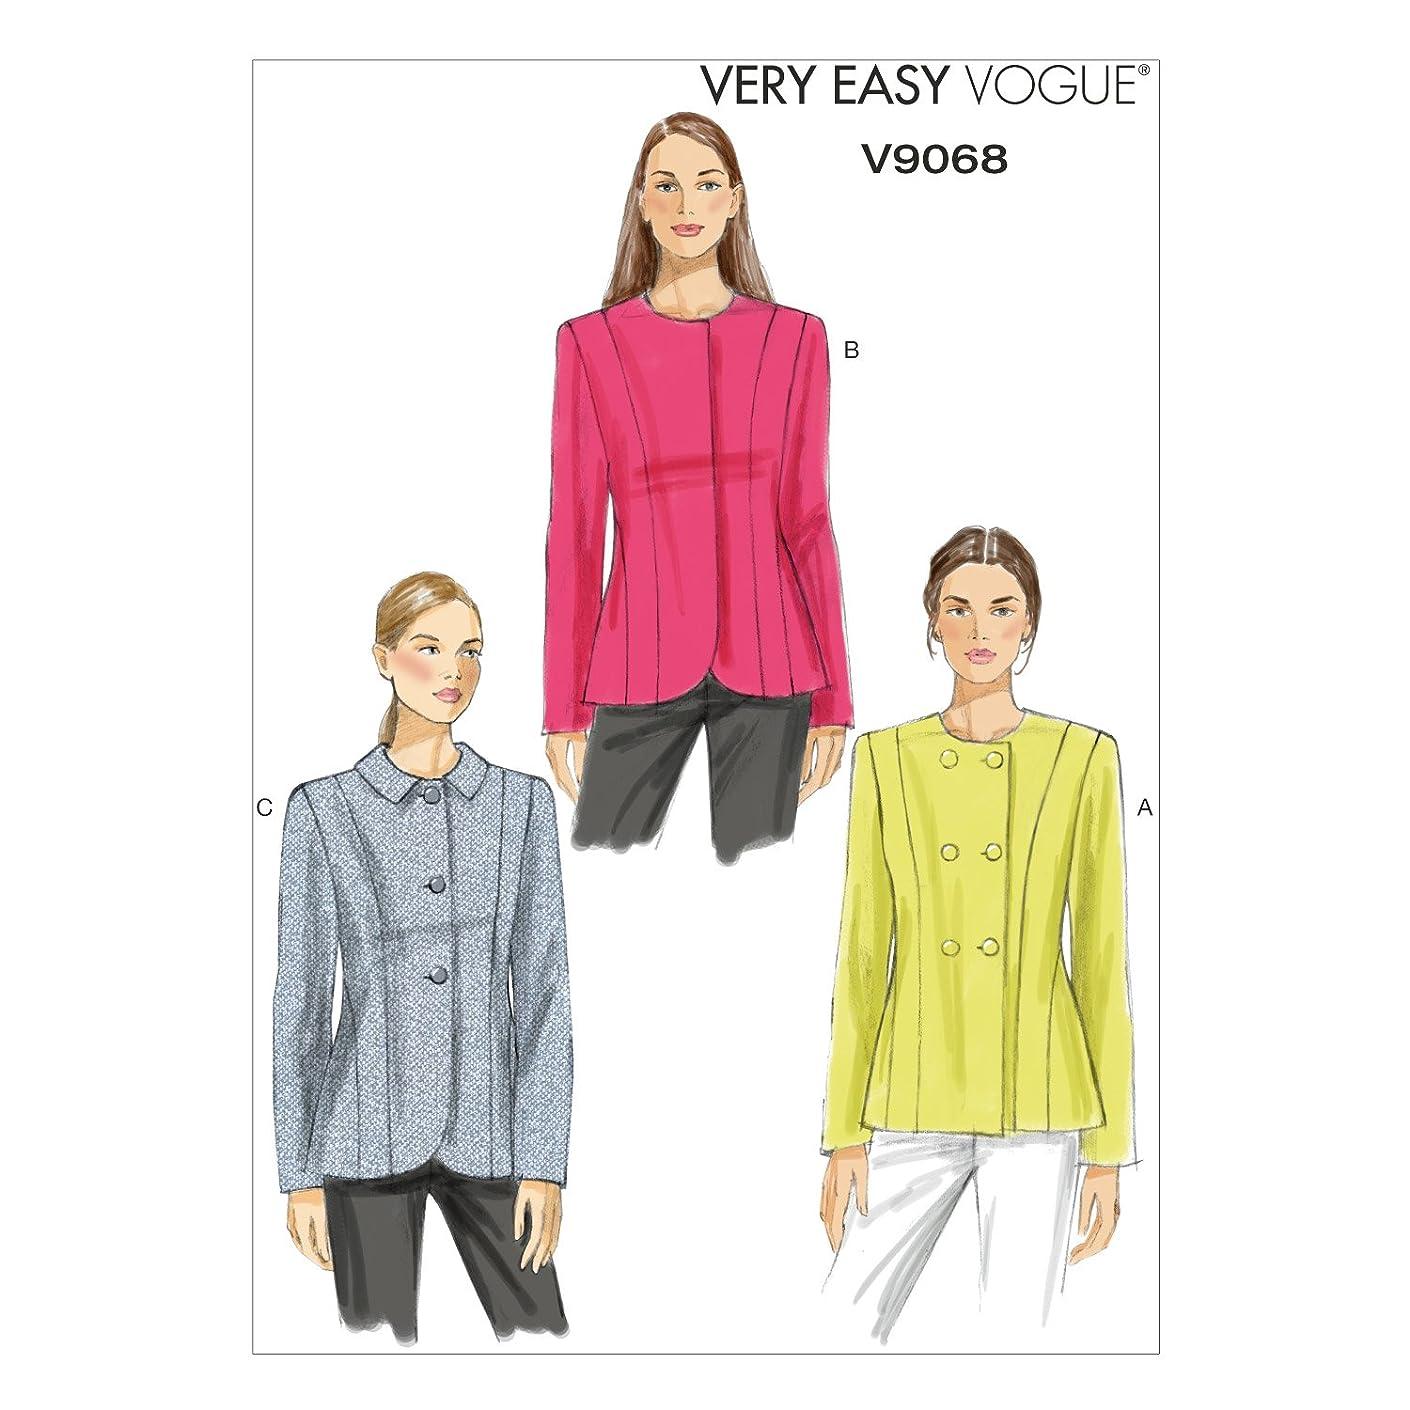 Vogue Patterns V9068 Misses' Jacket Sewing Template, B5 (8-10-12-14-16)